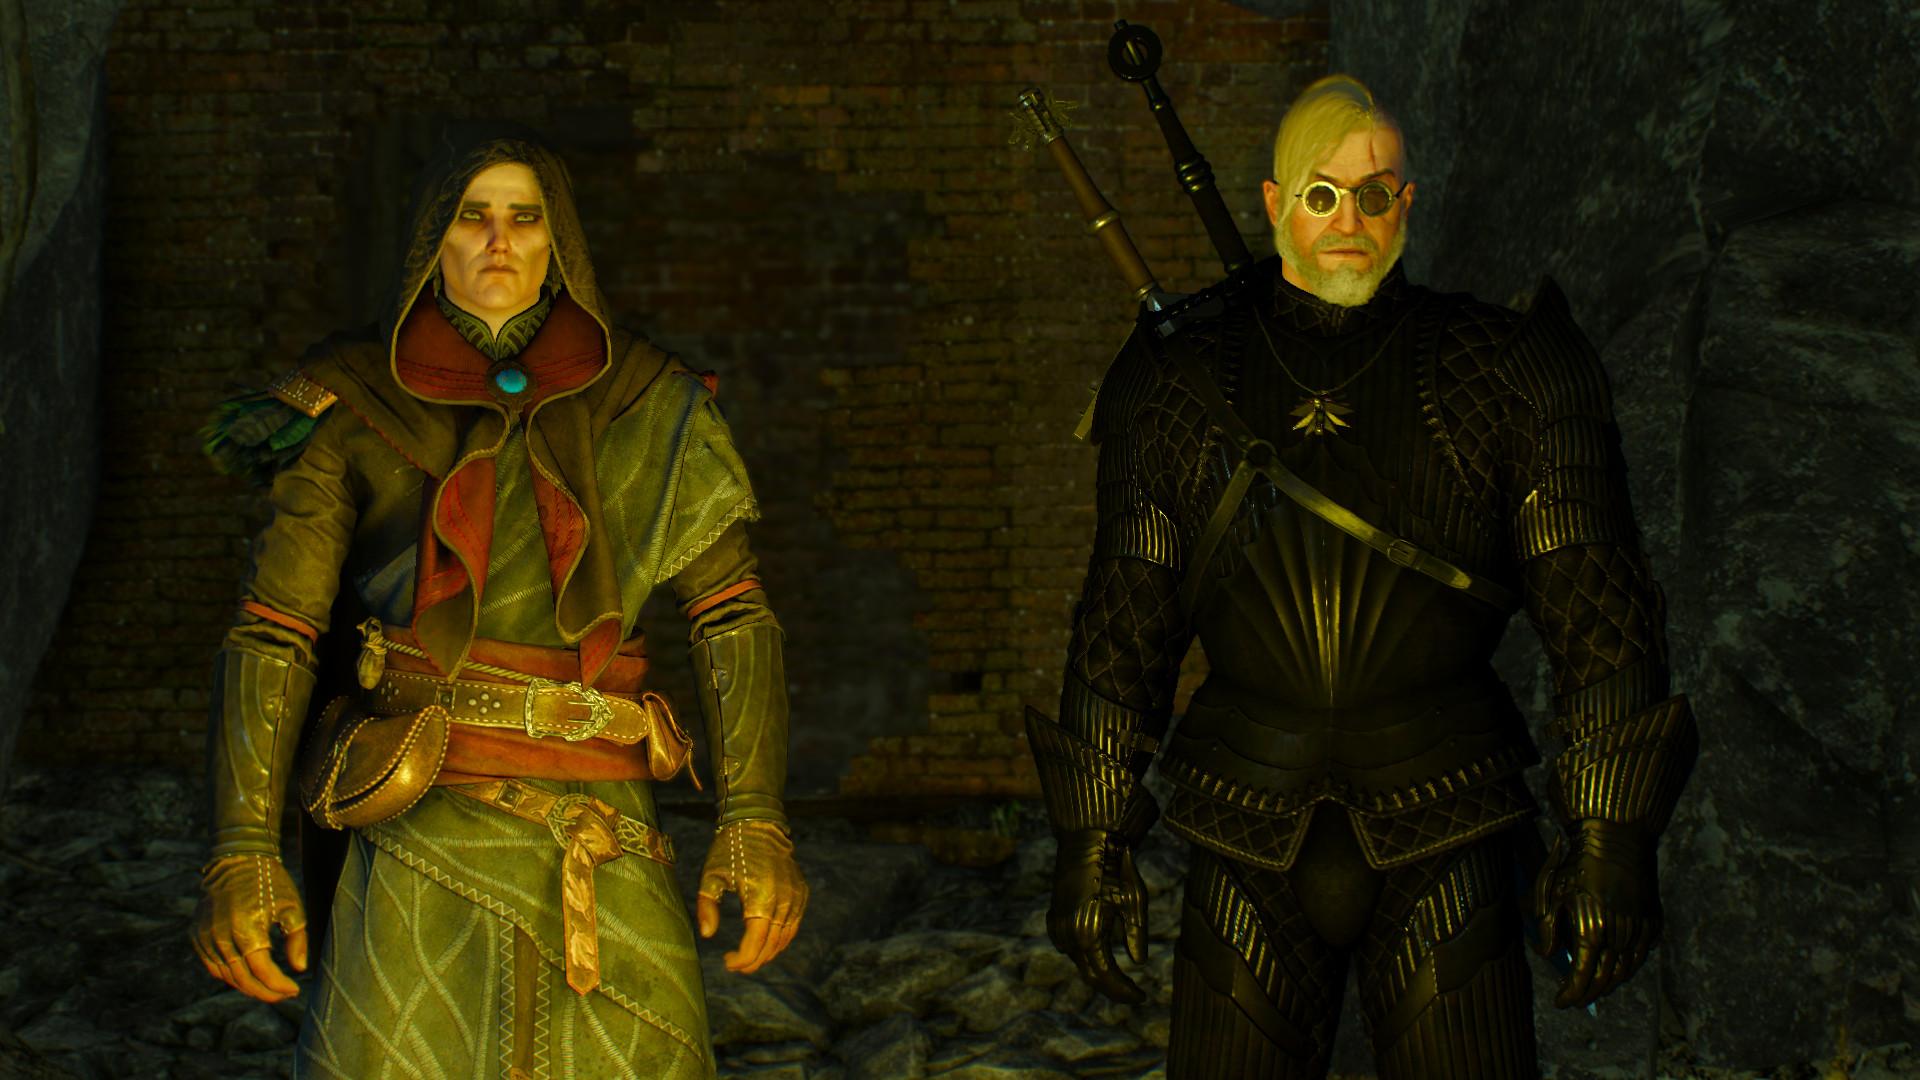 Ну,шо - потанцуем.jpg - Witcher 3: Wild Hunt, the